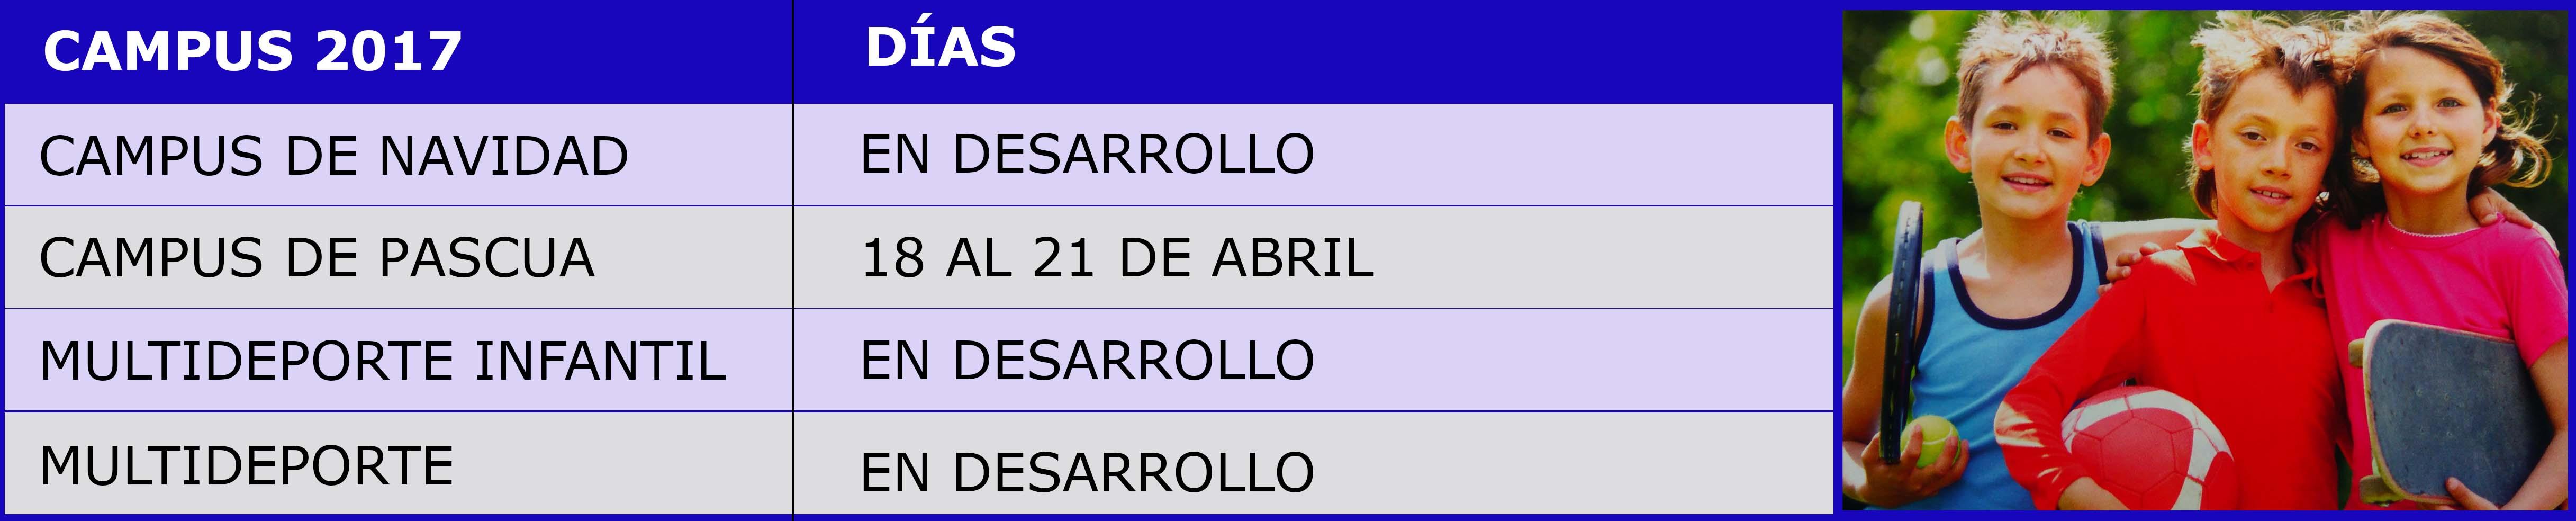 Paterna Escuelas03-2